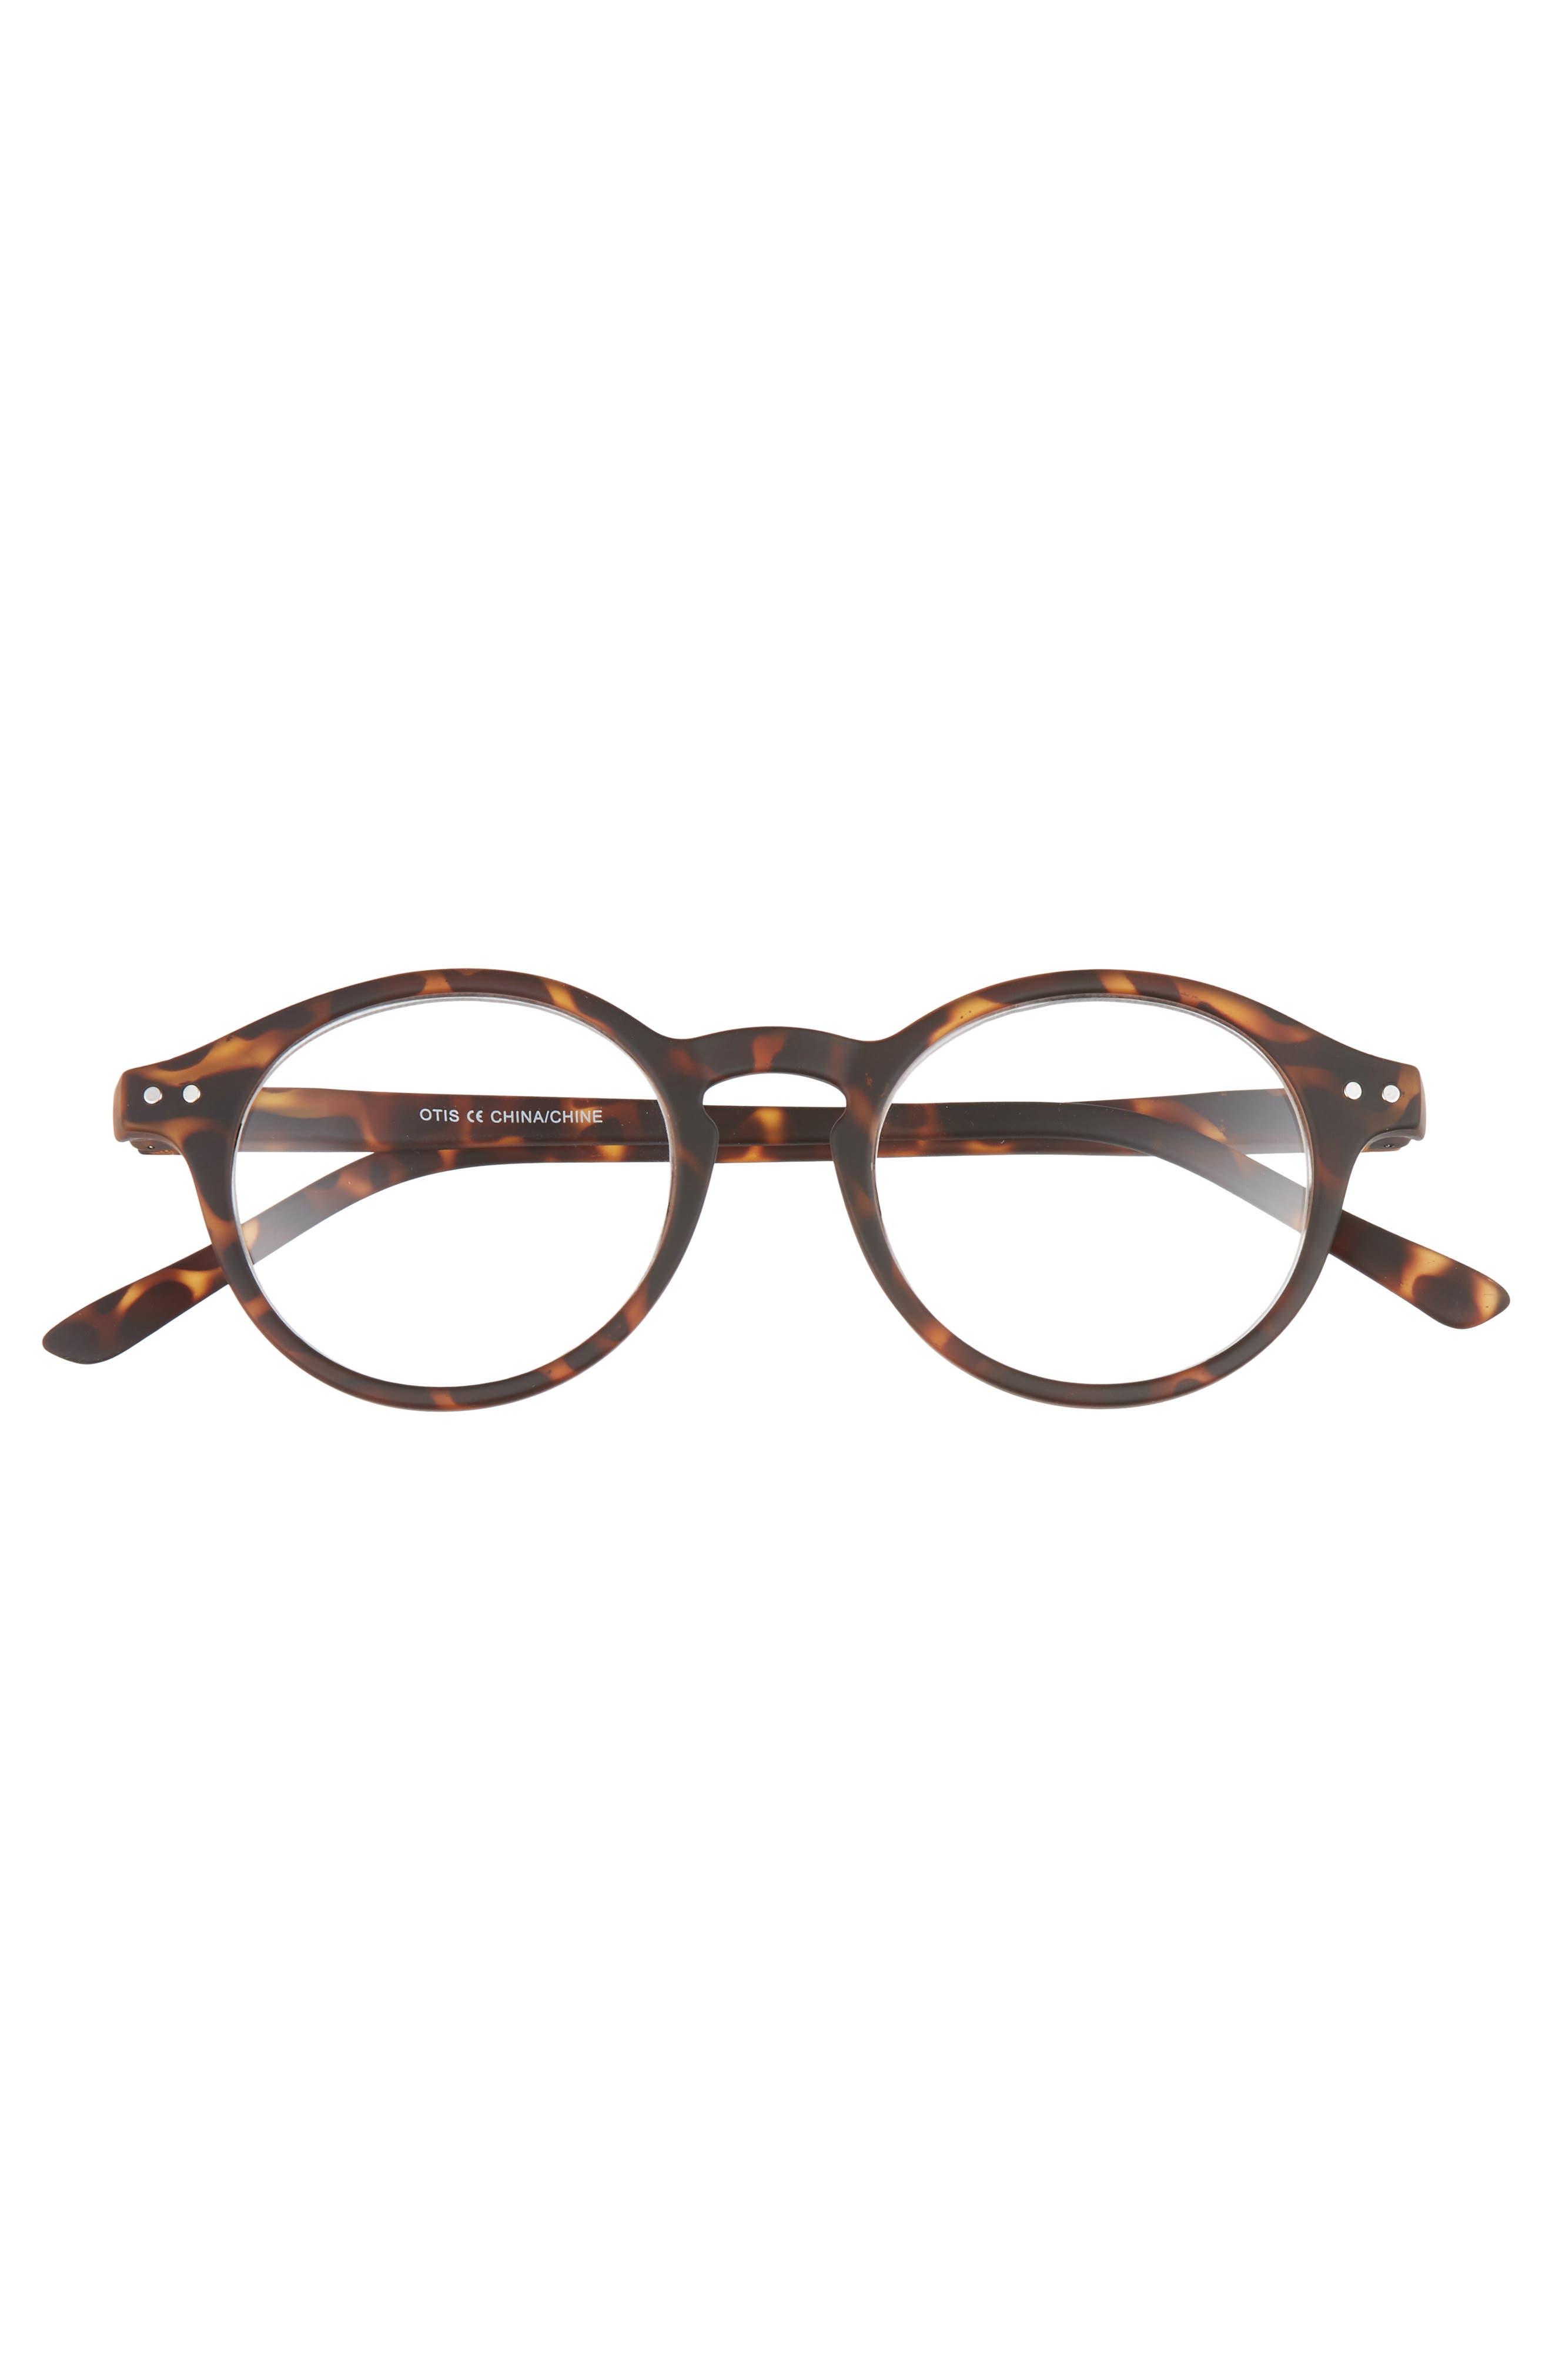 Otis 48mm Reading Glasses,                             Alternate thumbnail 2, color,                             BROWN TORTOISE